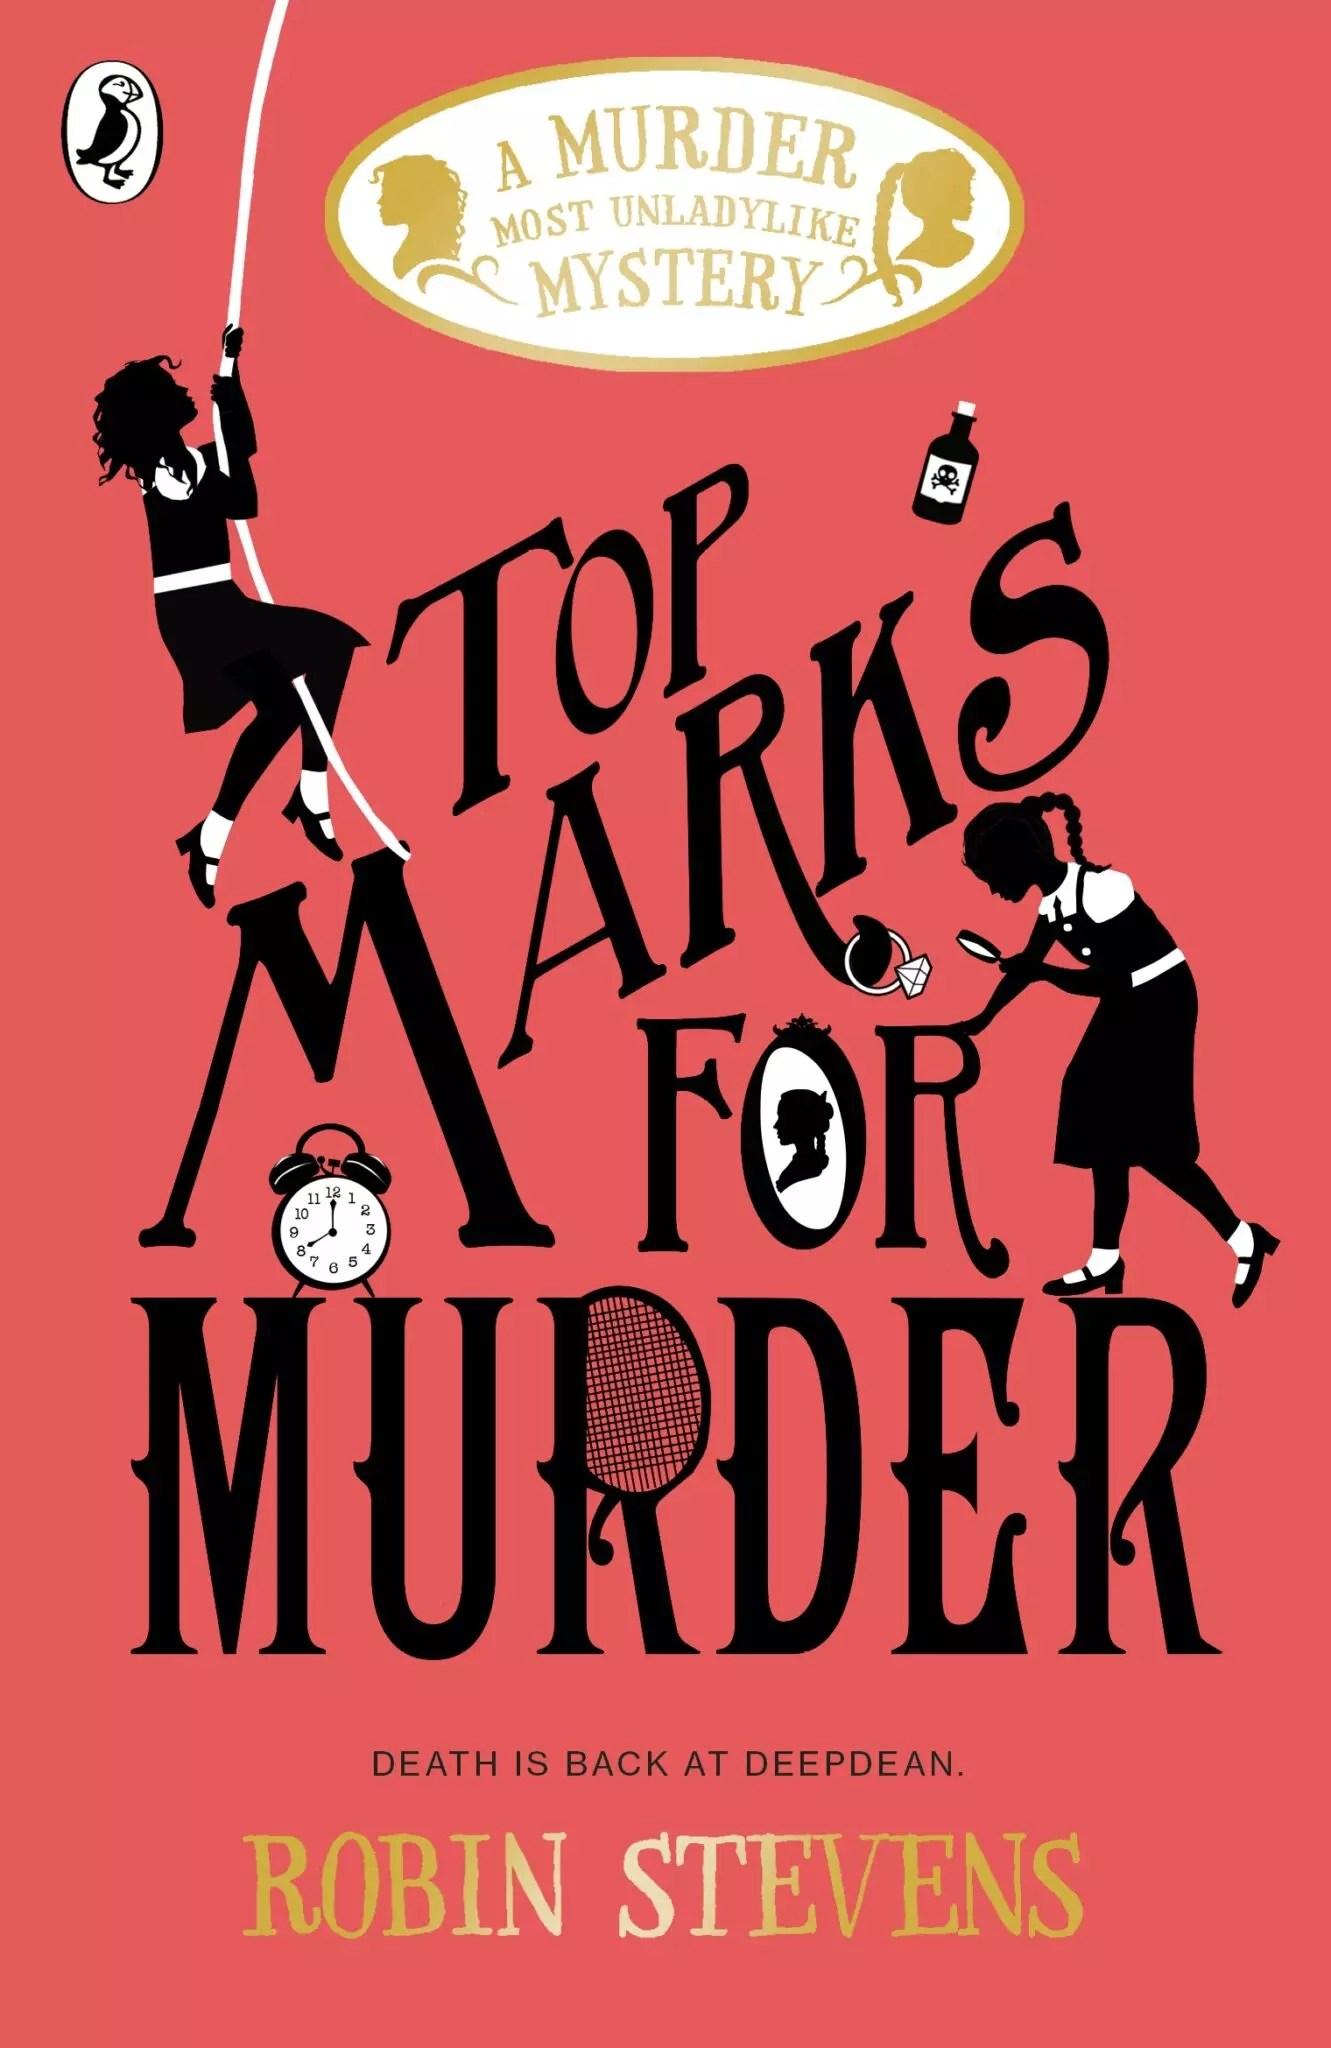 robin stevens top marks for murder